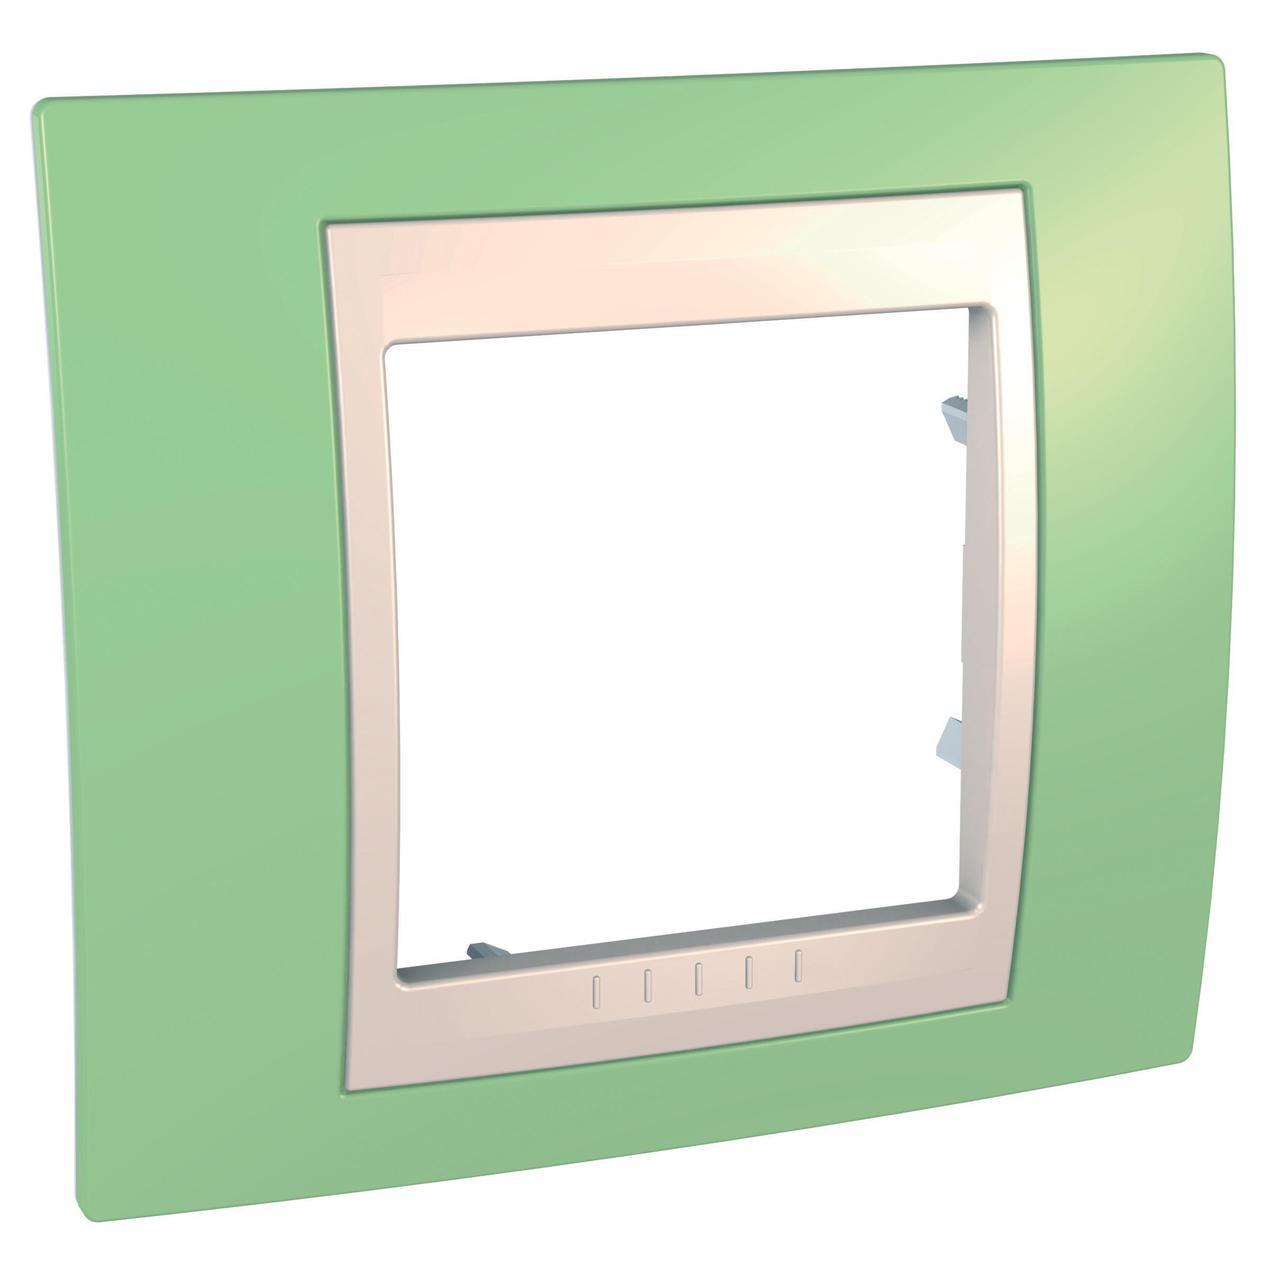 Рамка 1-ая (одинарная), Зеленое яблоко/Бежевый, серия Unica, Schneider Electric